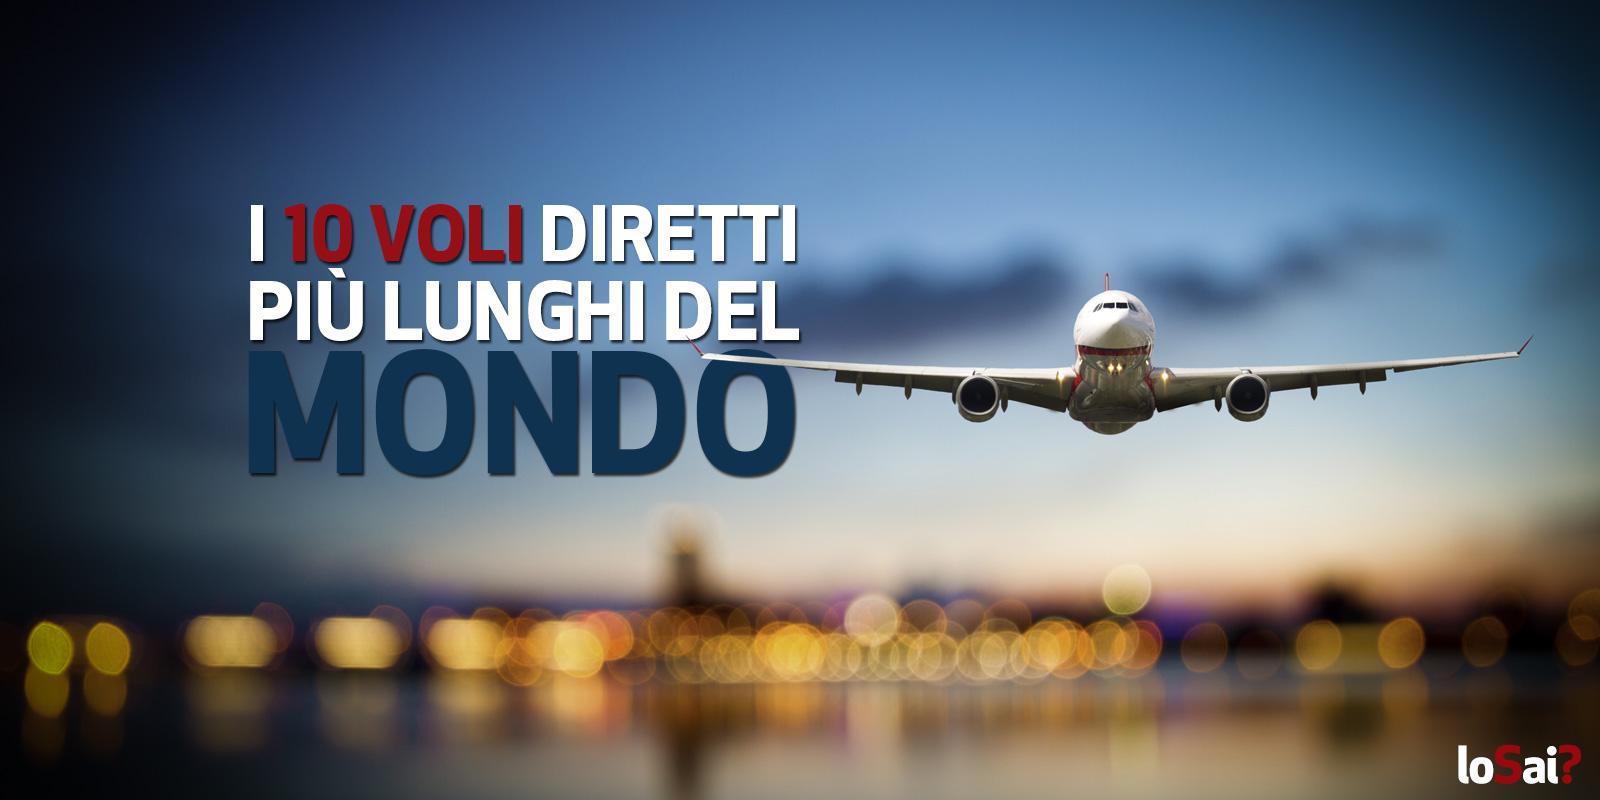 i-10-voli-diretti-piu-lunghi-del-mondo